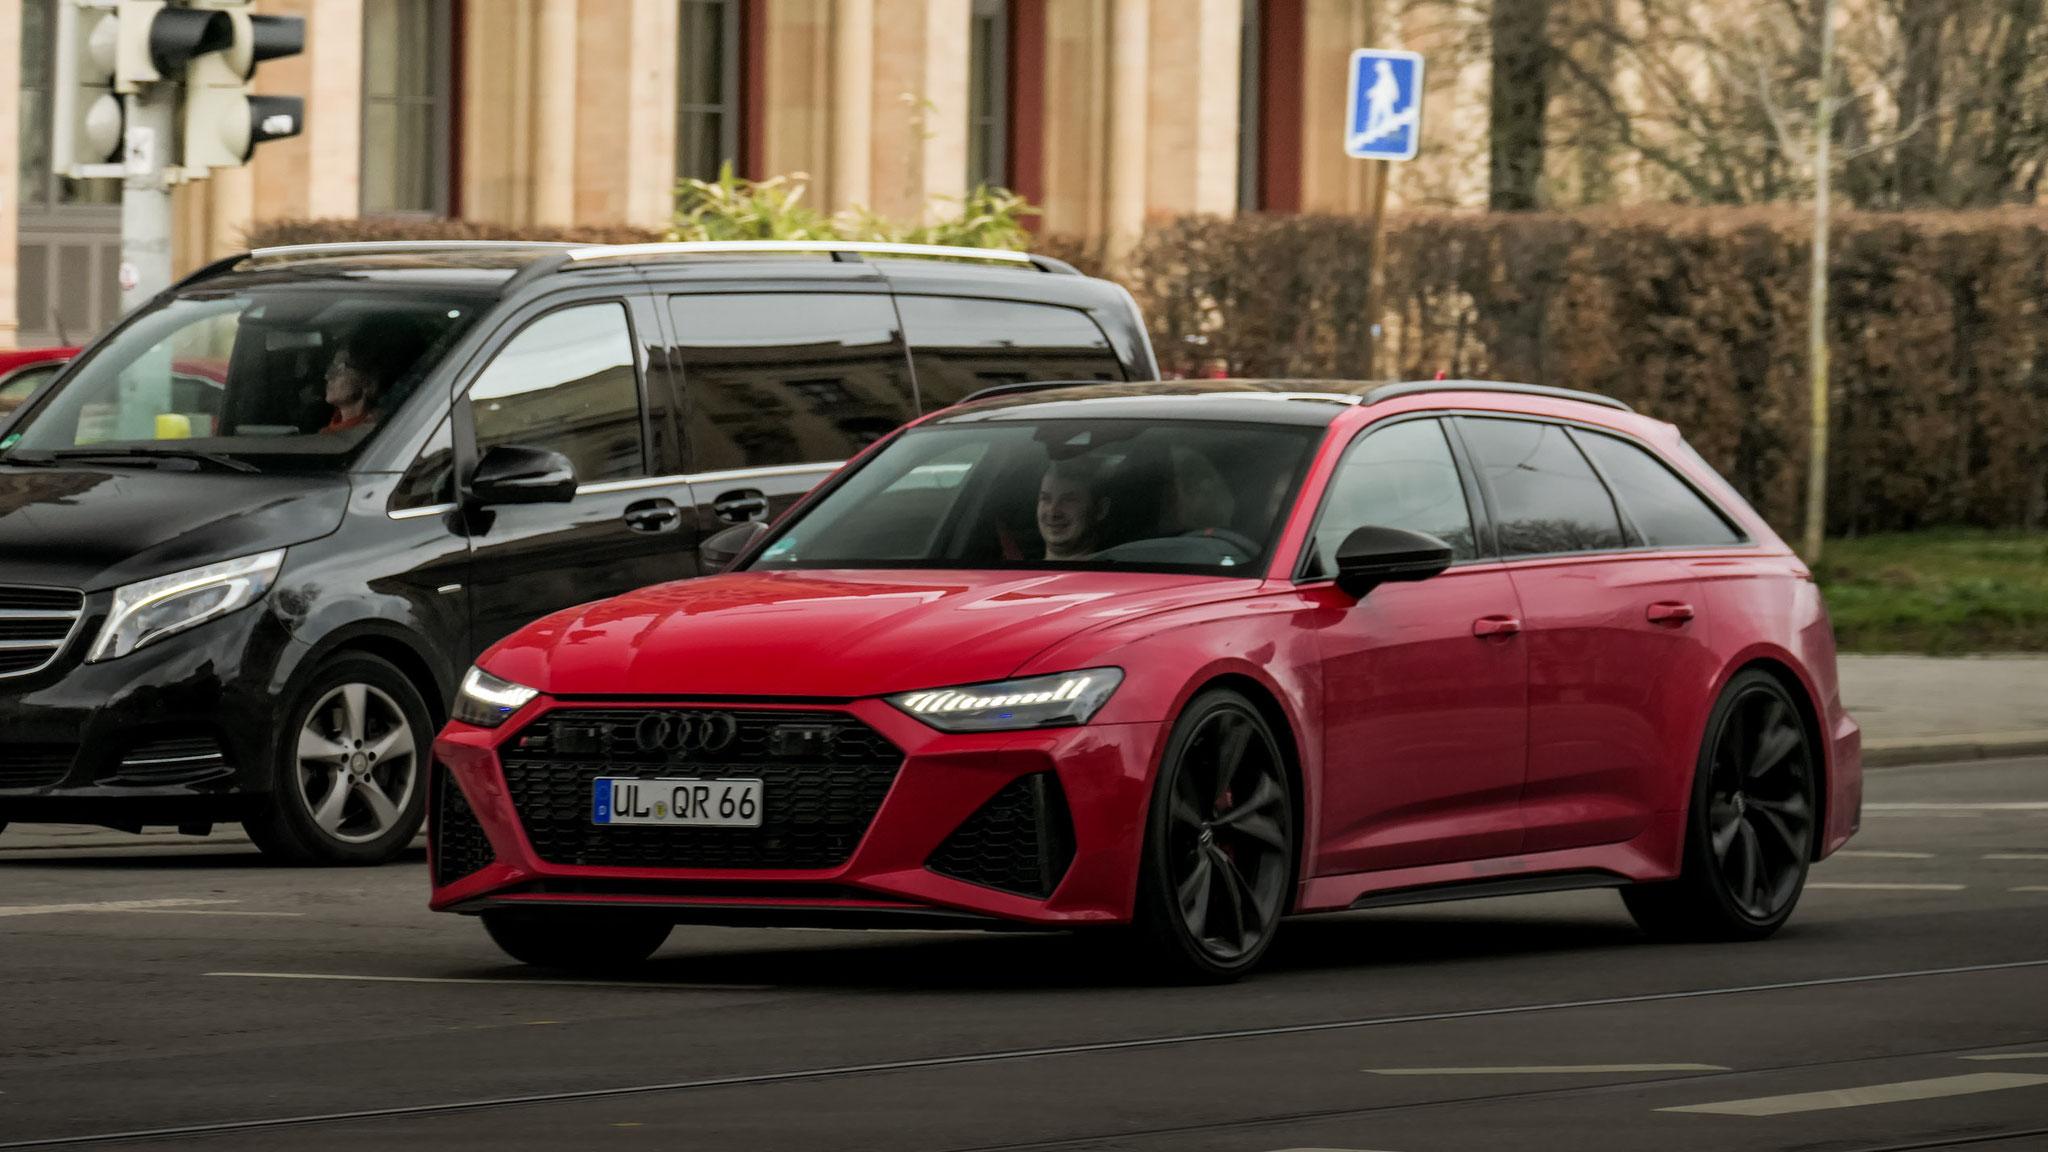 Audi RS6 - UÖ-QR-66